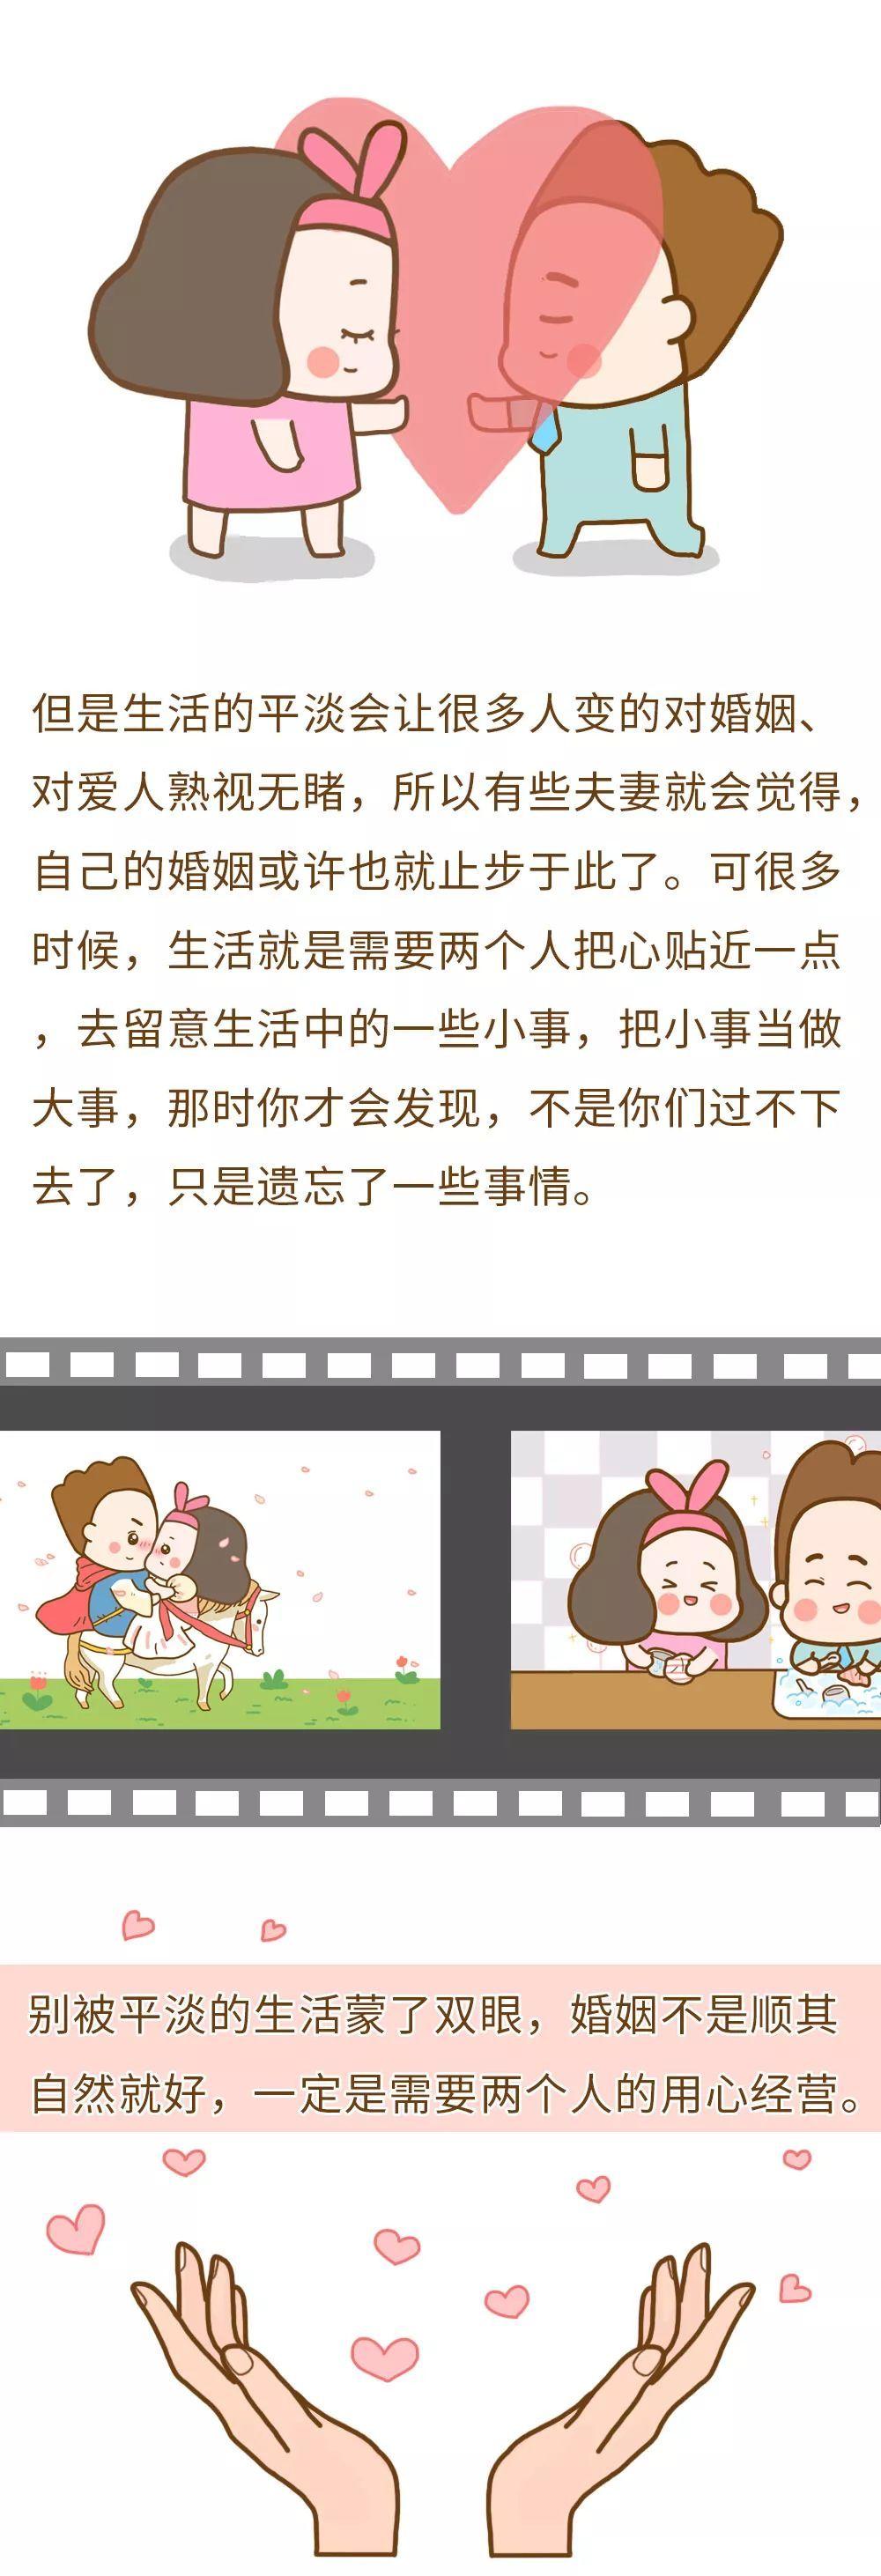 美高梅手机版官方网站 21